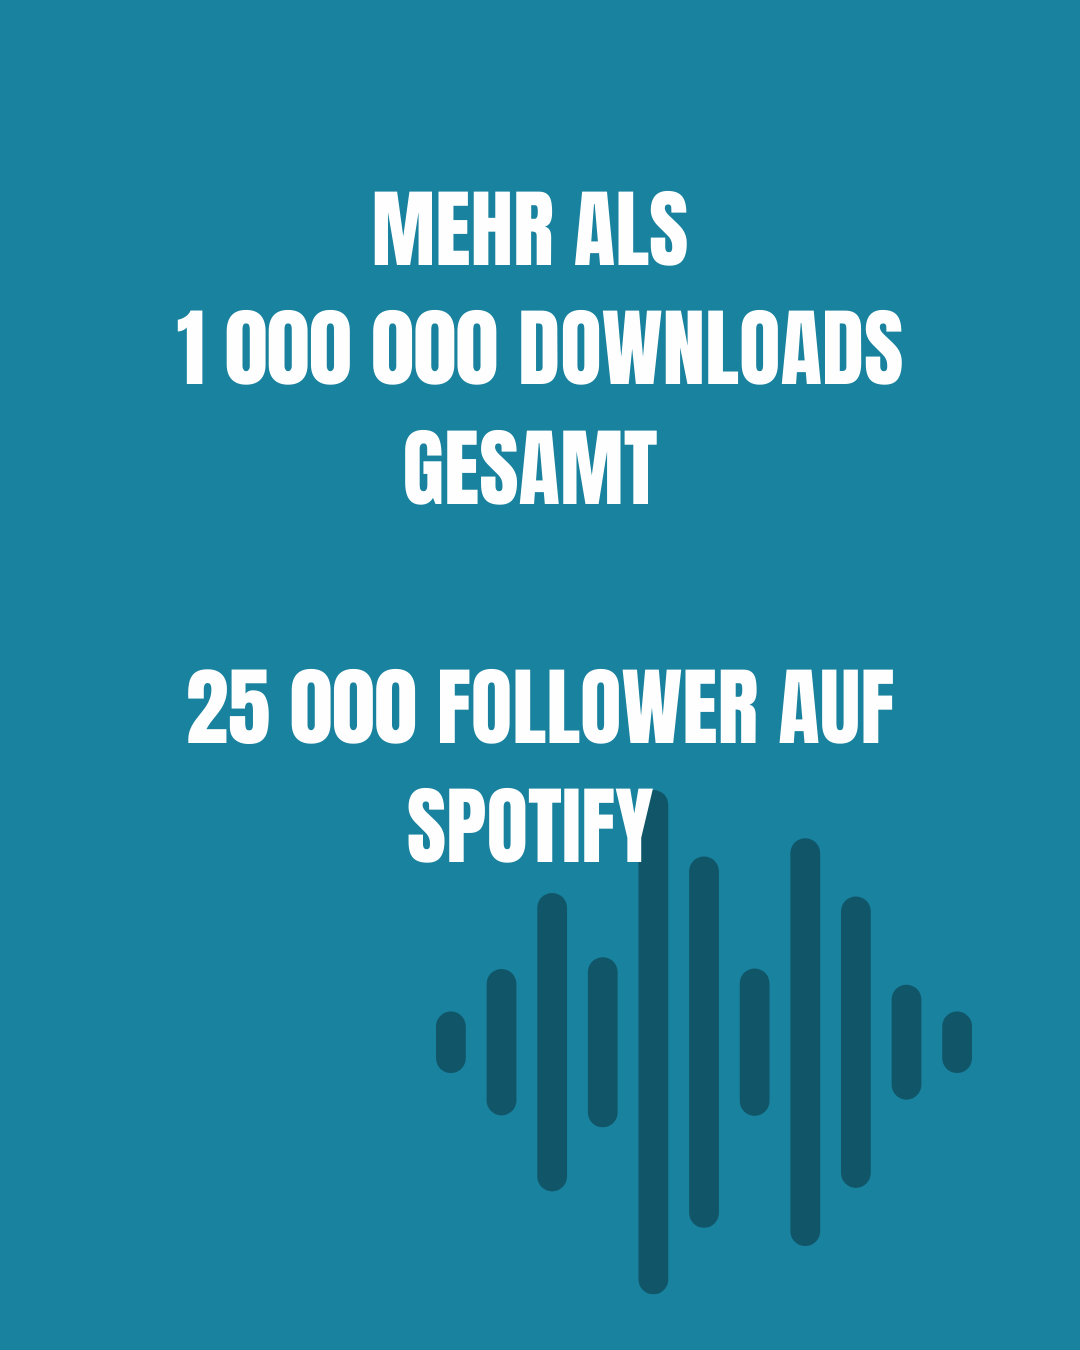 Mehr als eine Million Downloads gesamt, 25 000 Follower auf Spotify